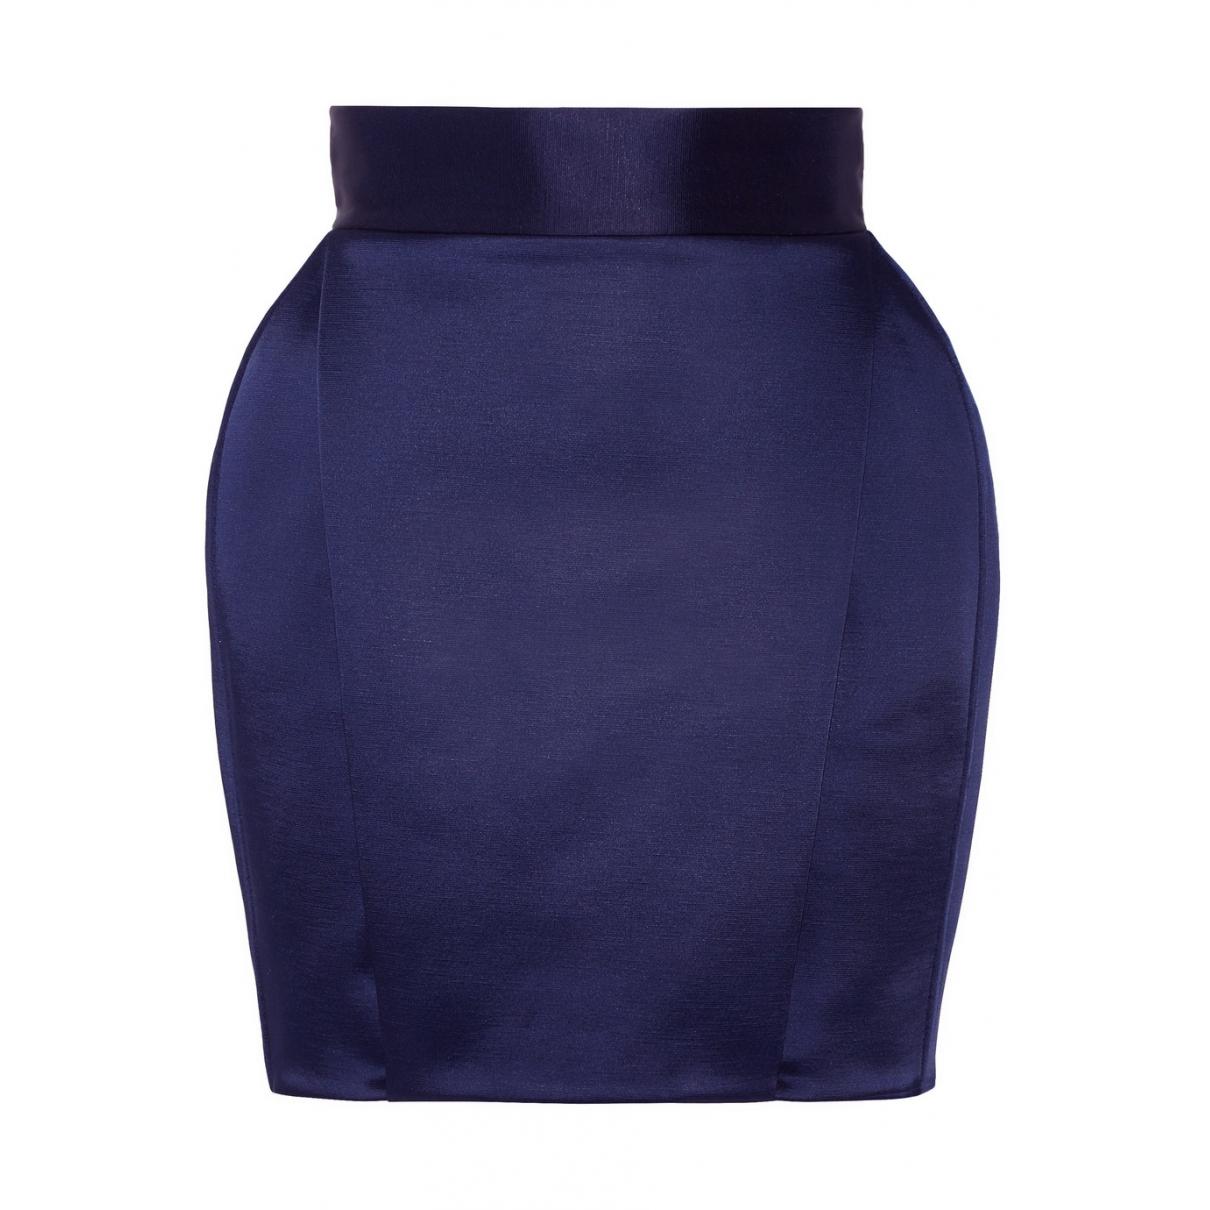 Balmain \N Blue Cotton skirt for Women 38 FR